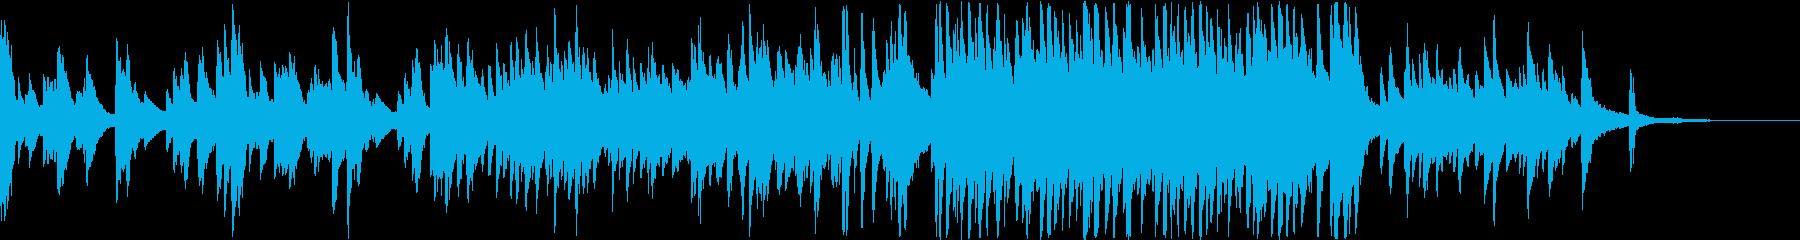 やさしいエンディング系ピアノソロの再生済みの波形